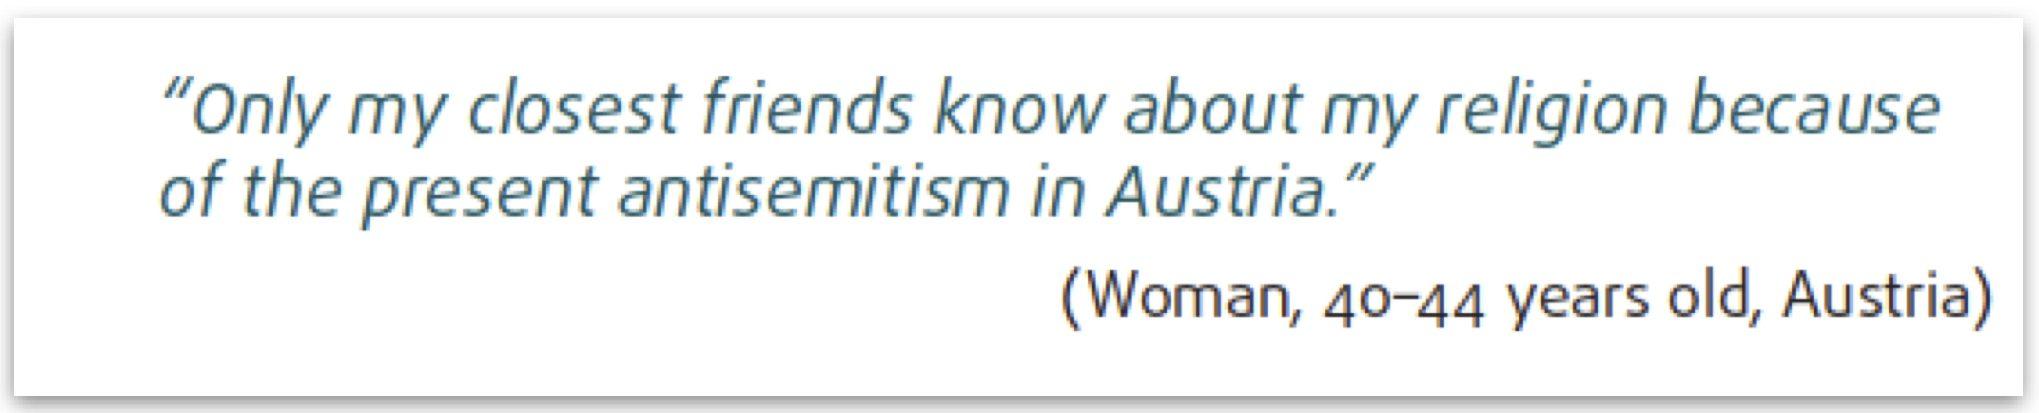 Agentur der EU für Grundrechte (FRA): Zitat aus Antisemitismusbericht 2018